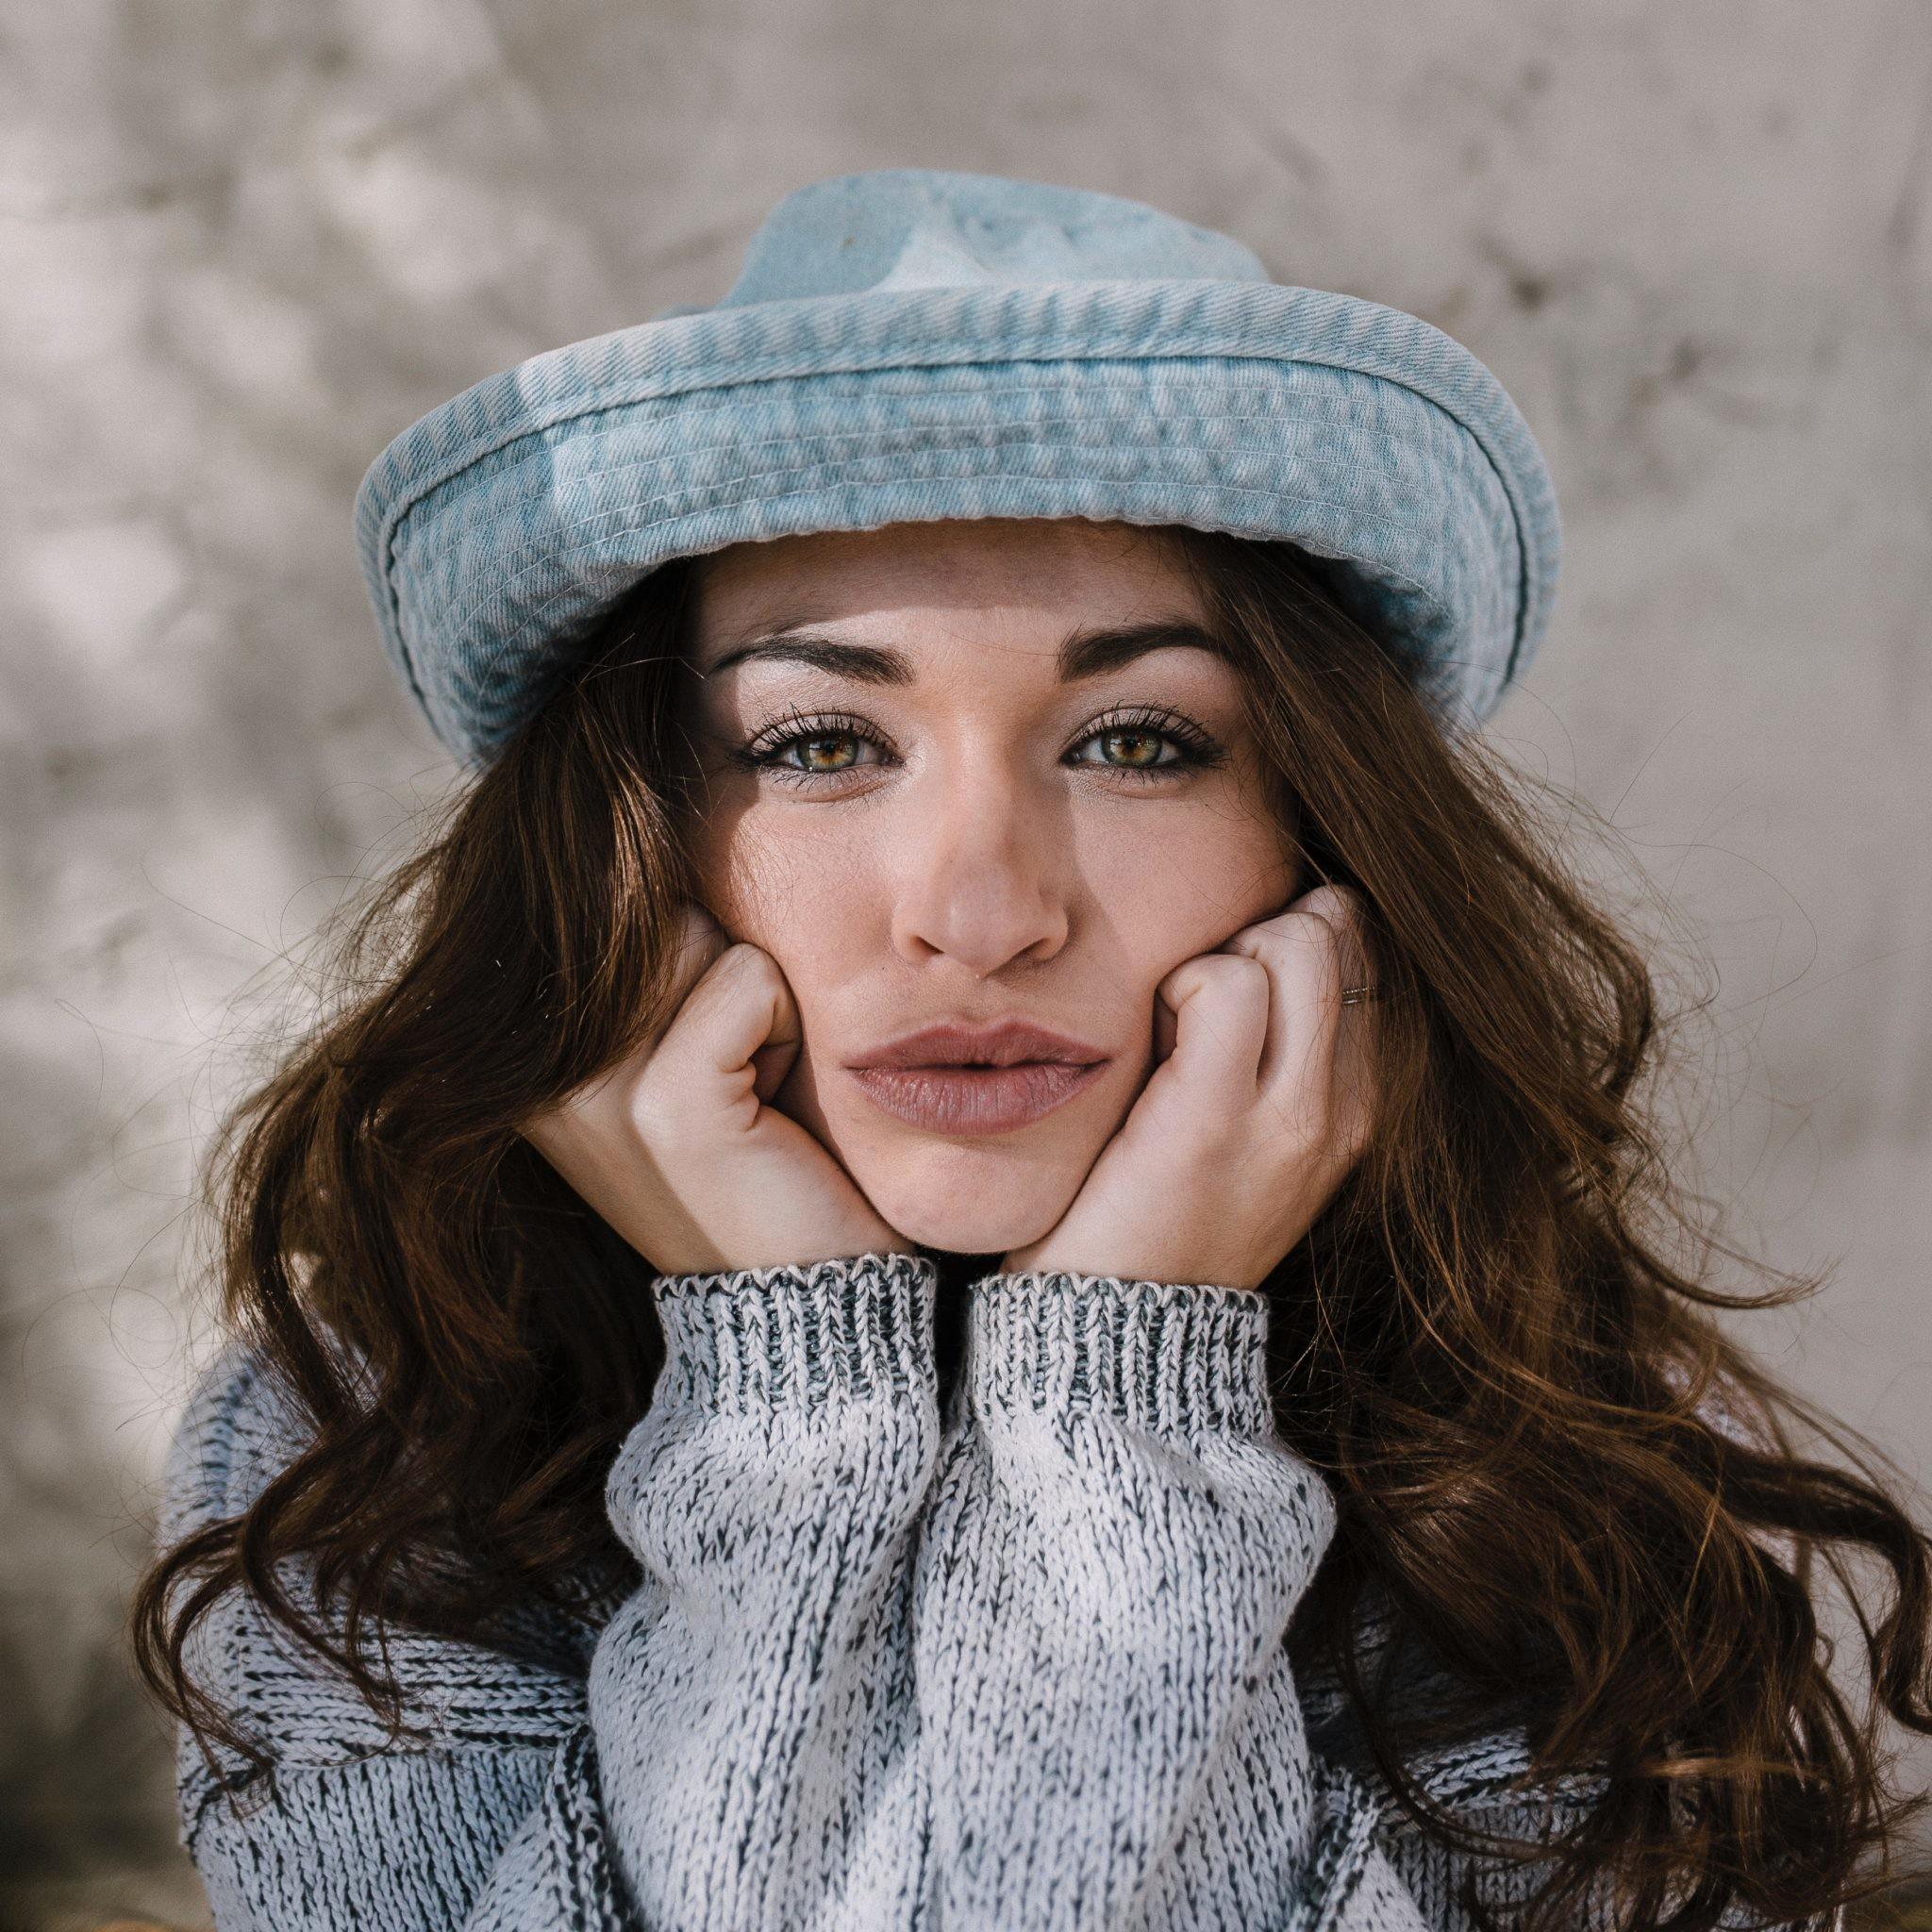 Вопрос косметологу: какие косметические процедуры стоит делать именно осенью?